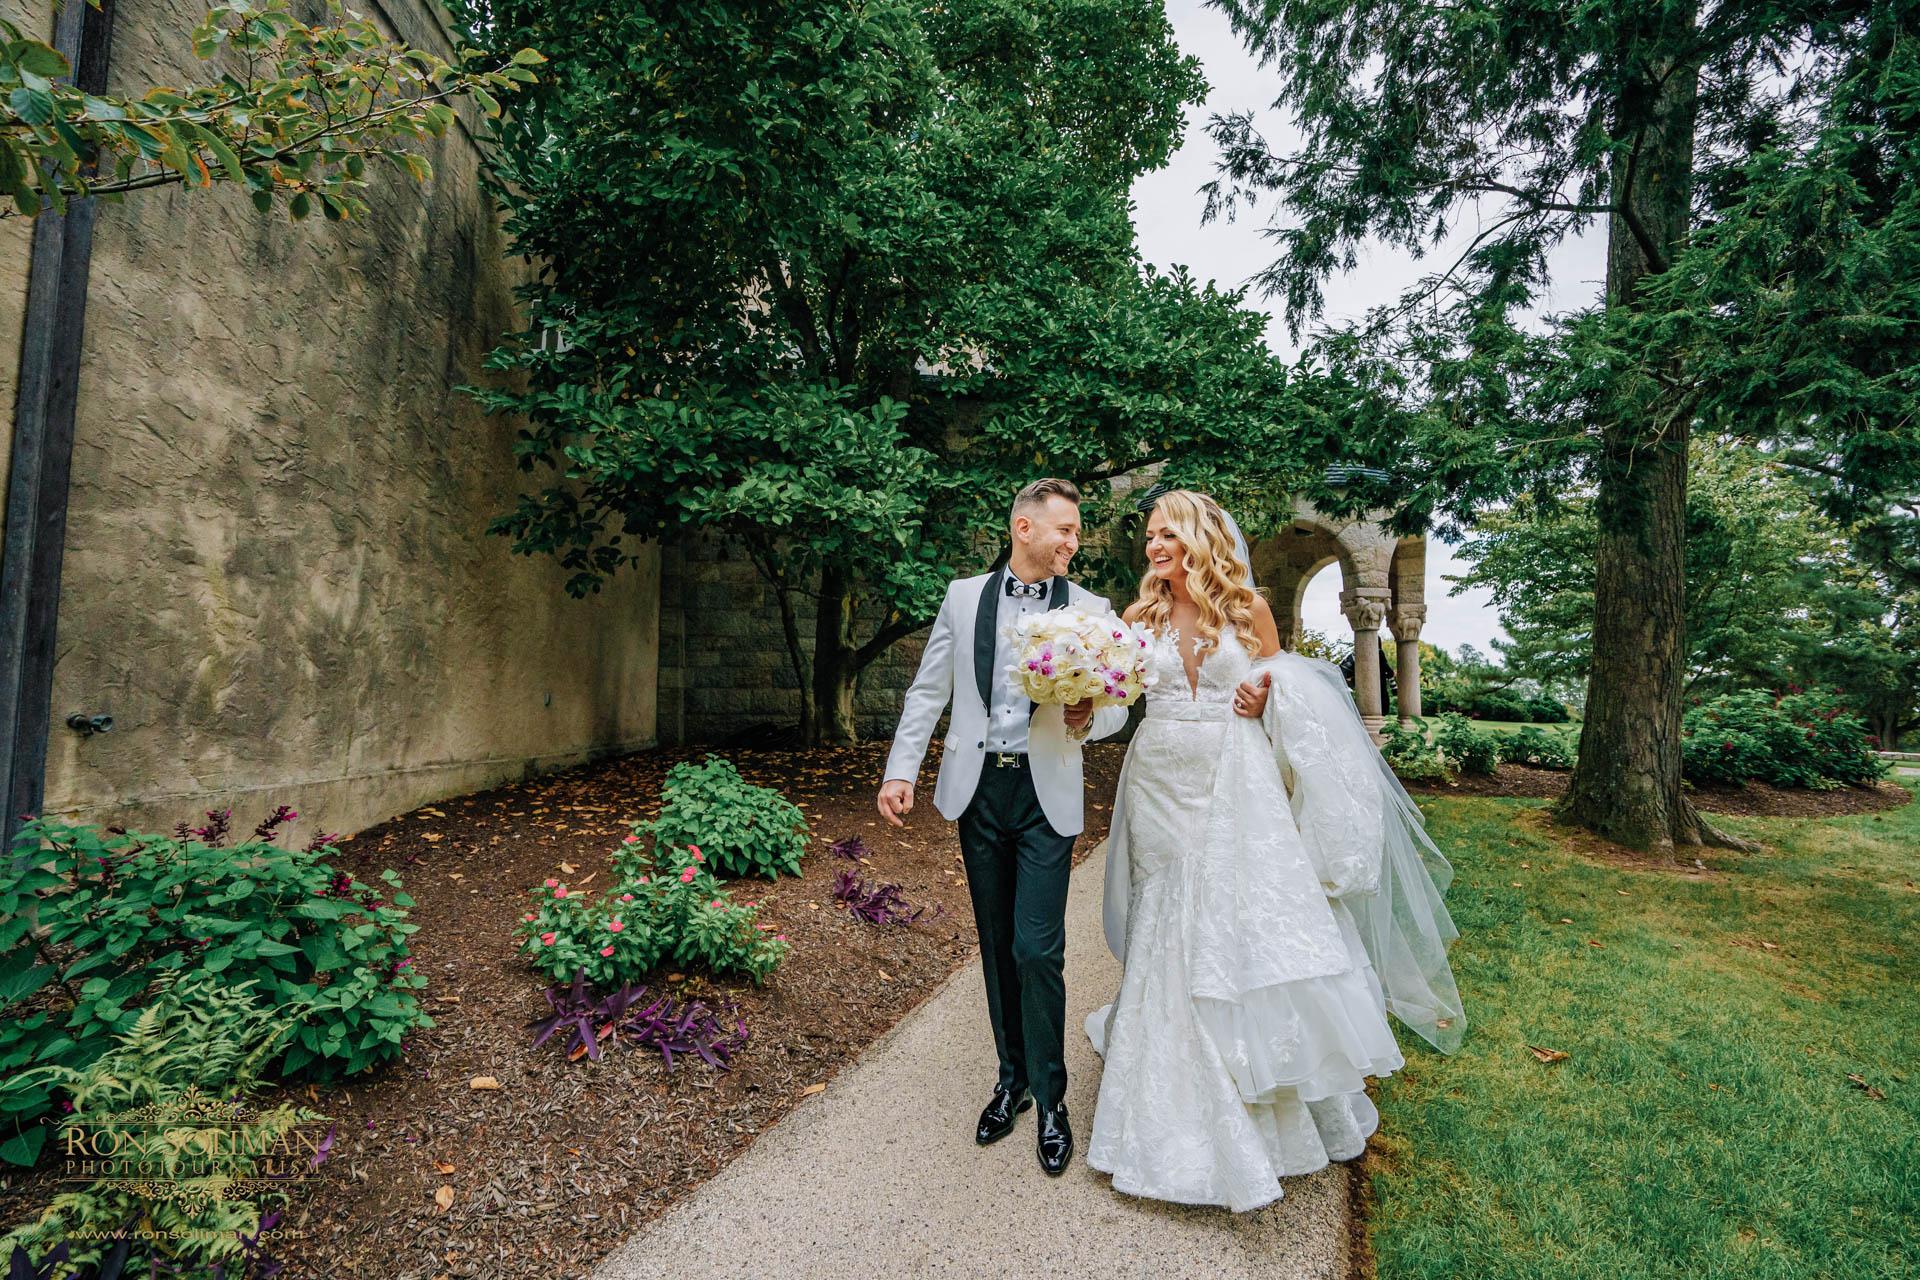 GOLDEN GATES RESTAURANT WEDDING 22